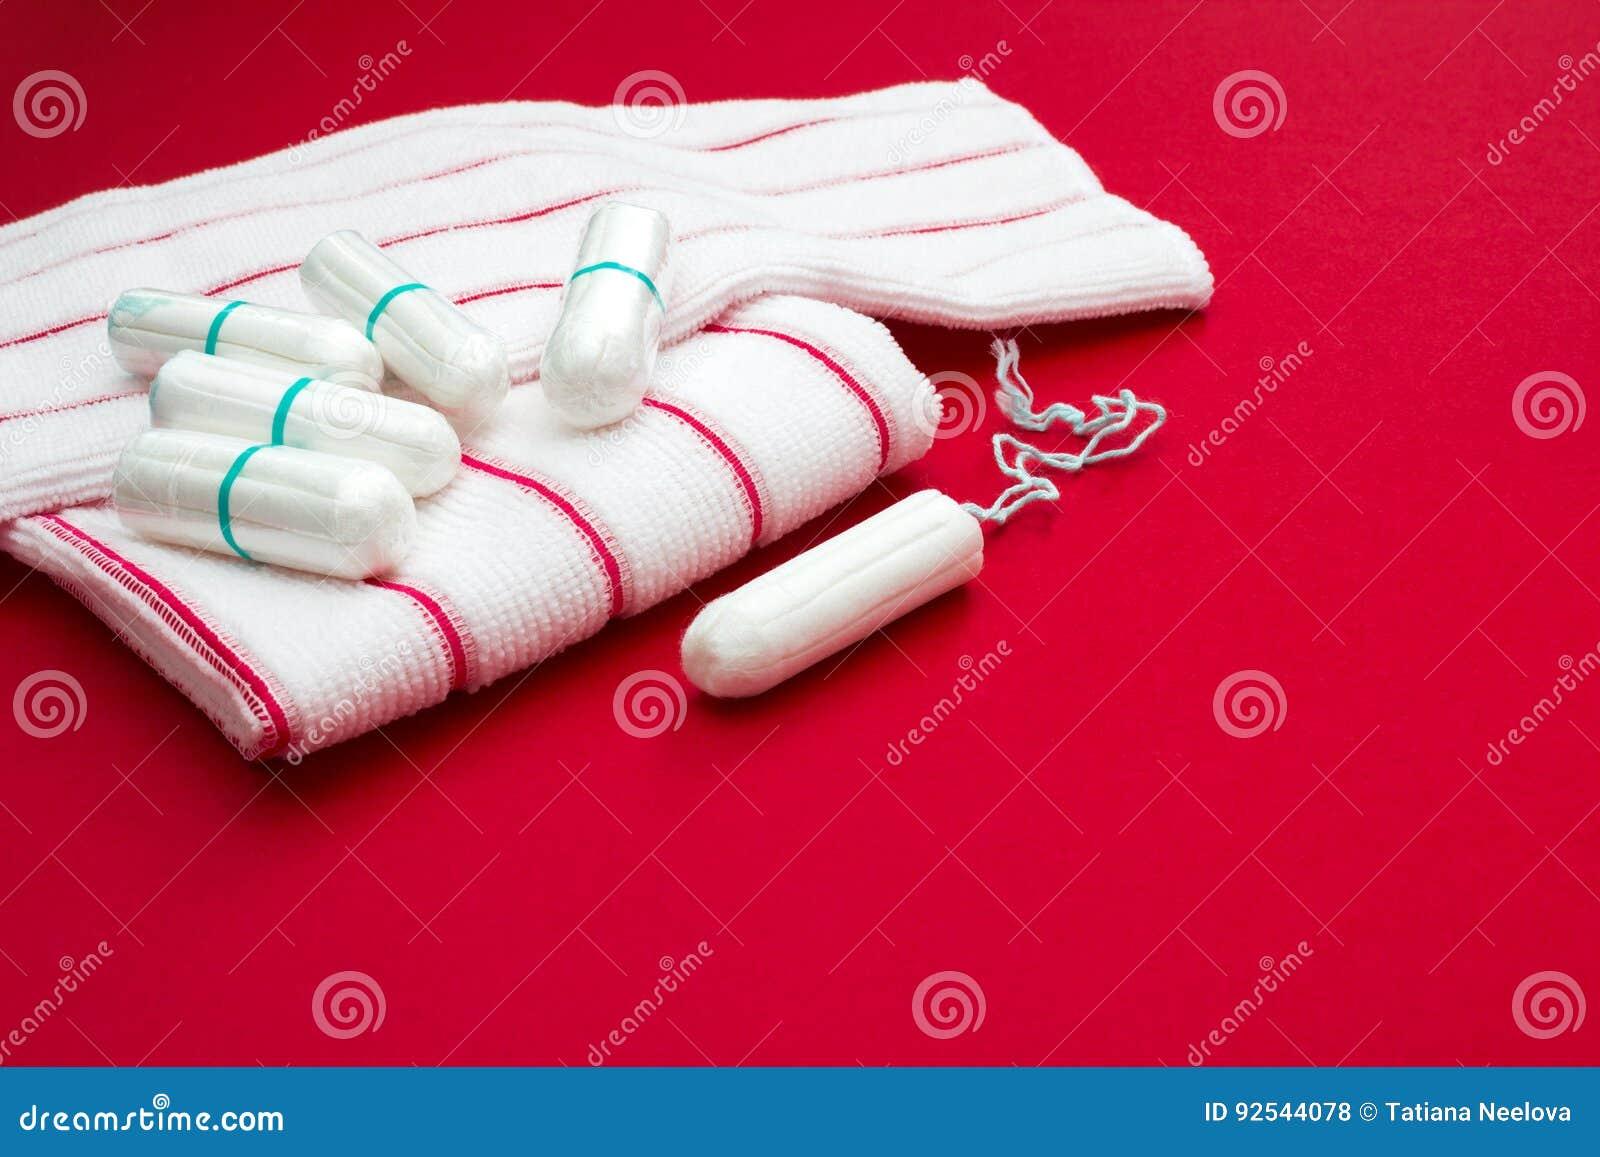 Vrouwen kritieke dagen, gynaecologische menstruatiecyclus, bloedperiode Terry bad rode handdoeken en menstruatie sanitair zacht k